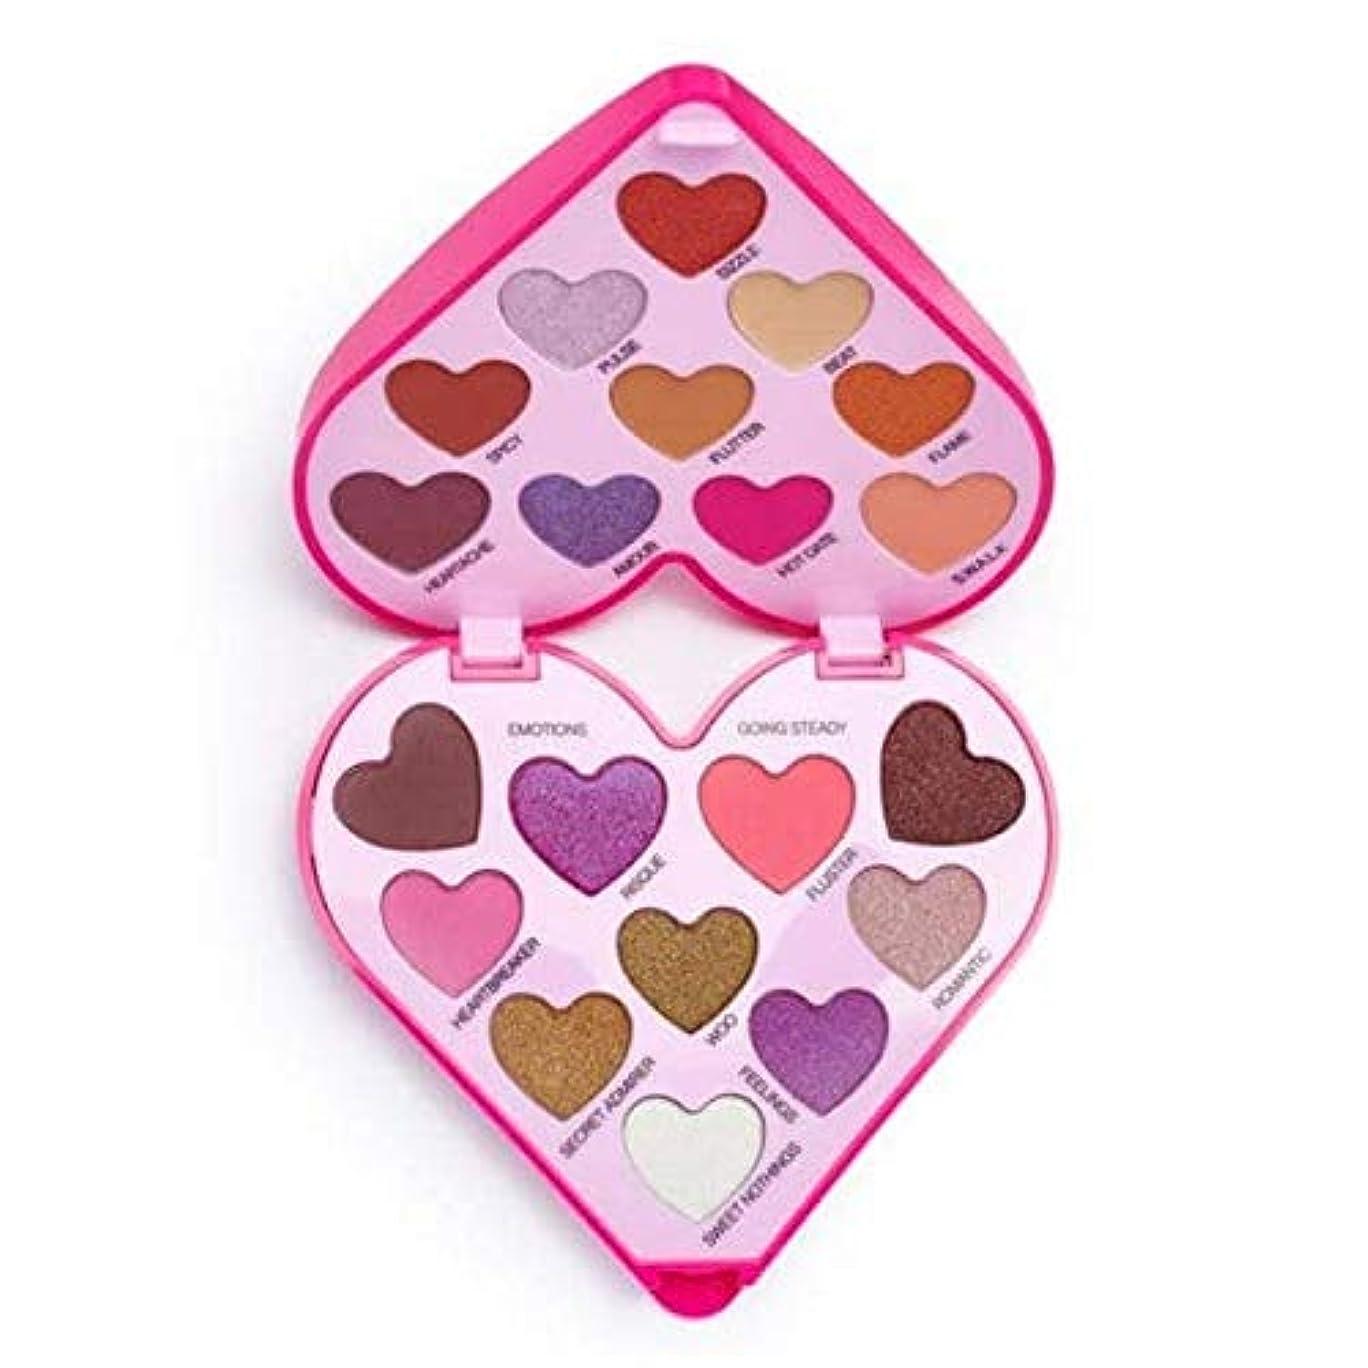 取り替える主張する作る[I Heart Revolution ] 私は心の革命のハートビートアイシャドウパレット - I Heart Revolution Heartbeat Eye Shadow Palette [並行輸入品]